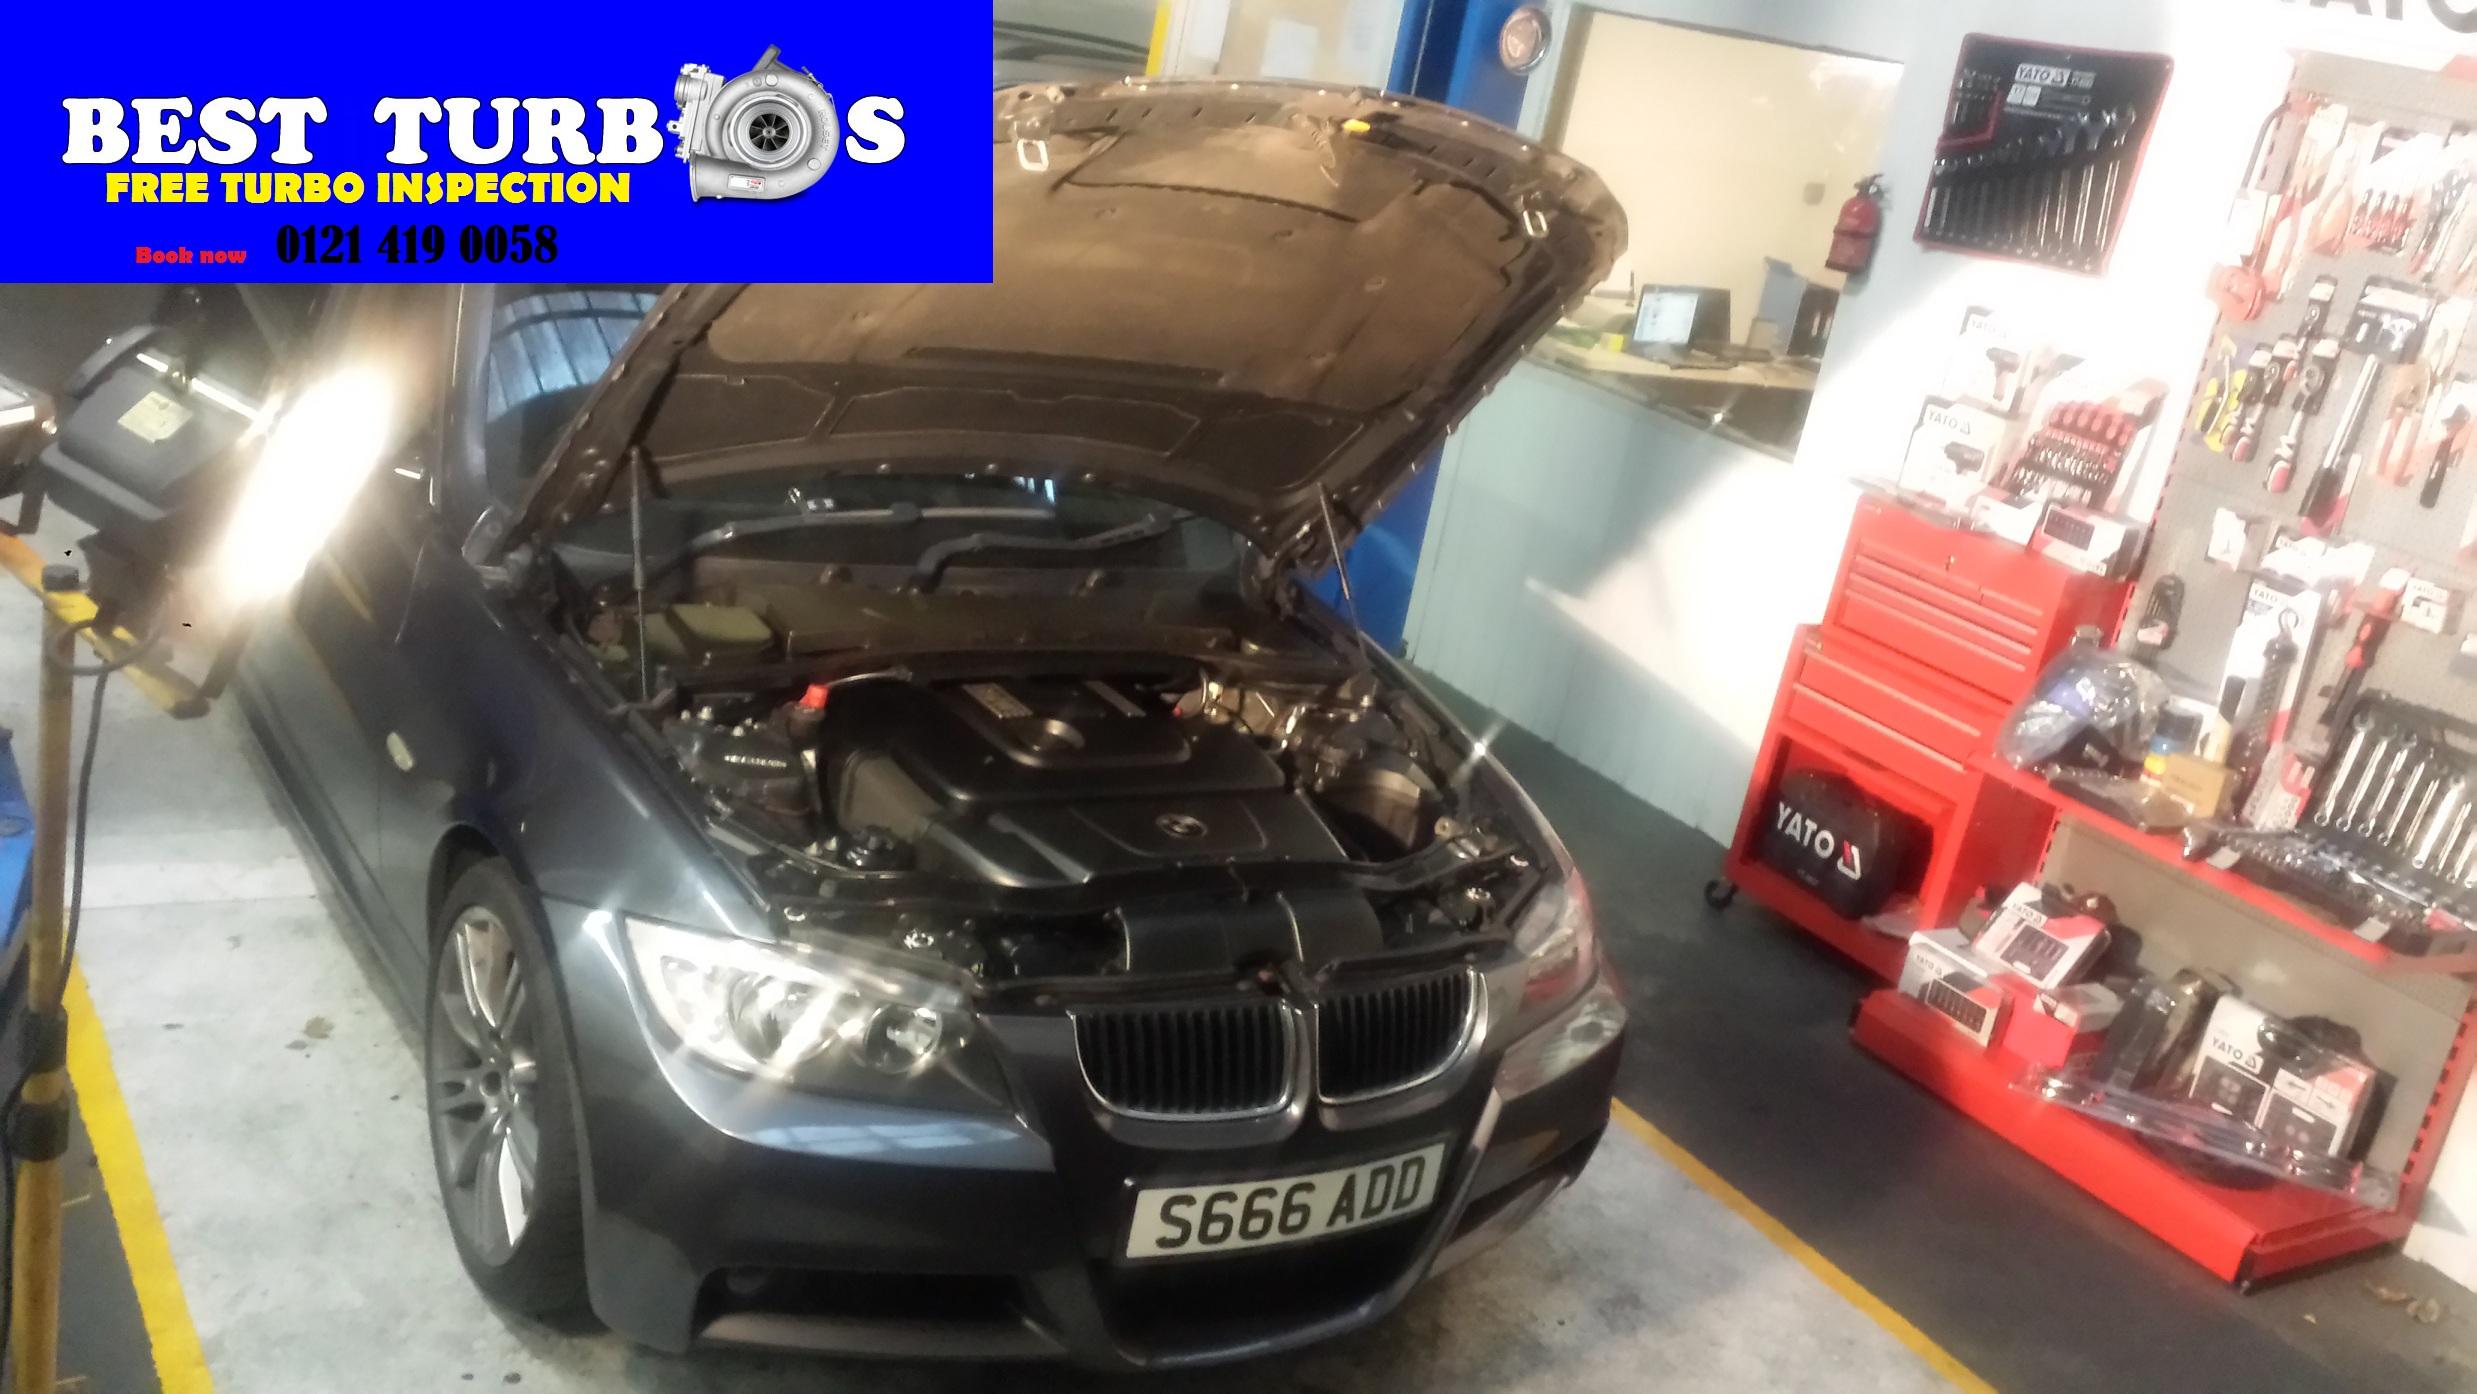 turbo recon best turbos birmingham wolverhampton walsall dudley erdington solihull sutton coldfield 717478 GT1749V 750431 GT2256V 454191 GT2256V 700935 GT1749V 731877 762965-5020 712541 778400 53039880132 53039880109